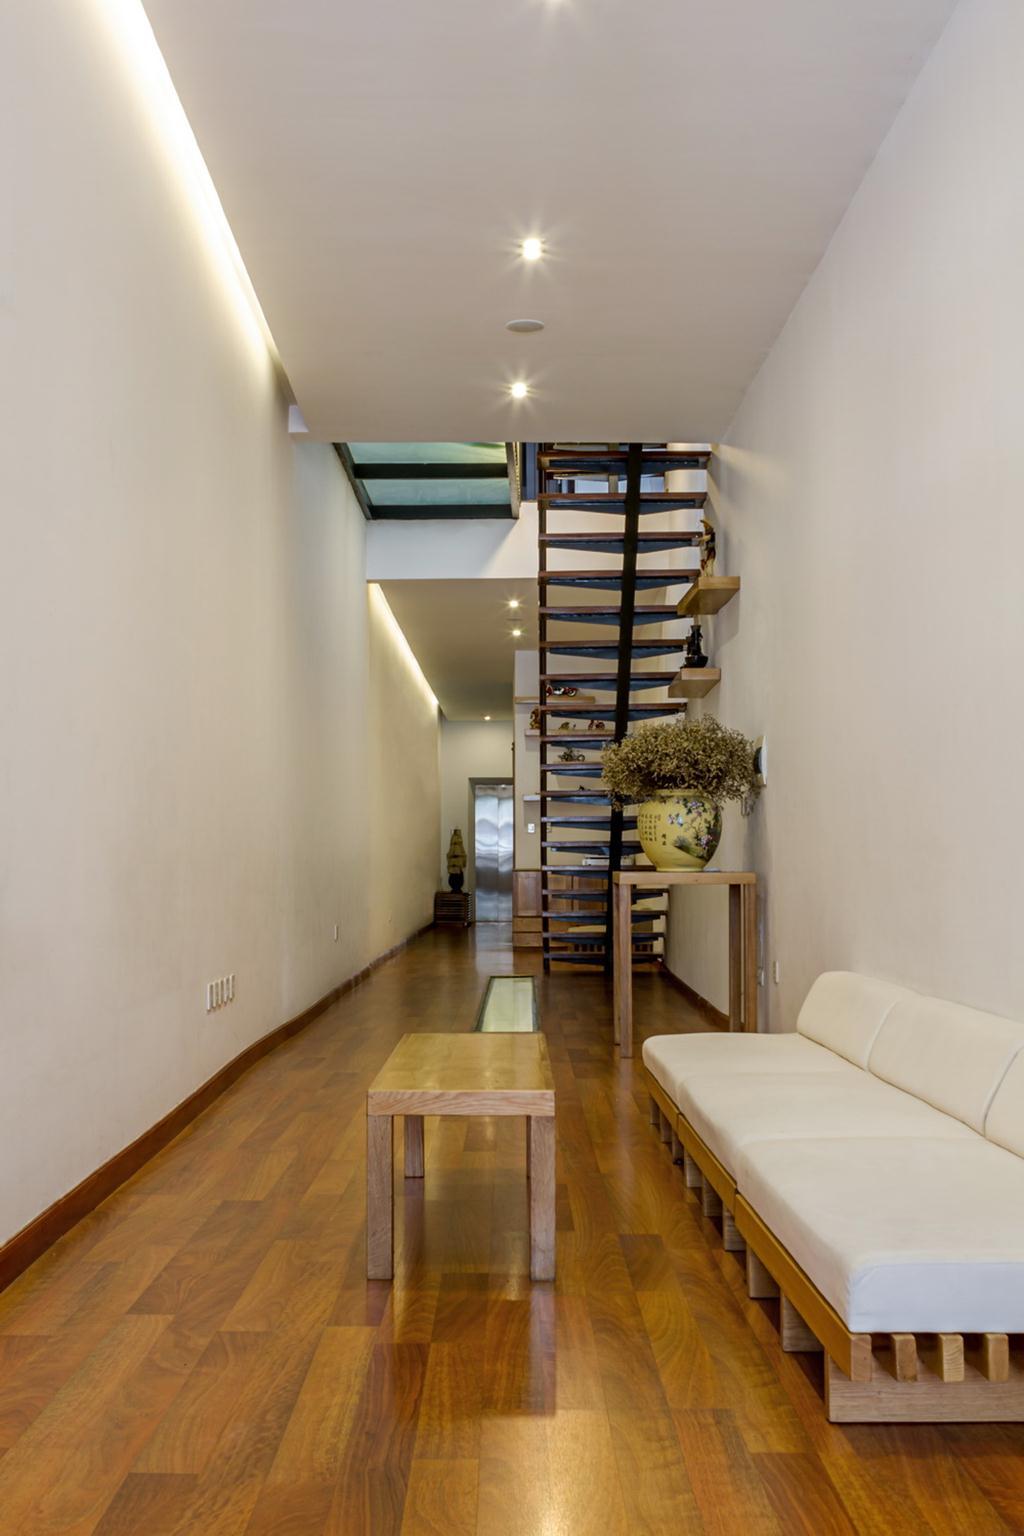 Tầng 1 được cho thuê, gia đình sinh hoạt ở những tầng trên. Ảnh © Hoàng Lê